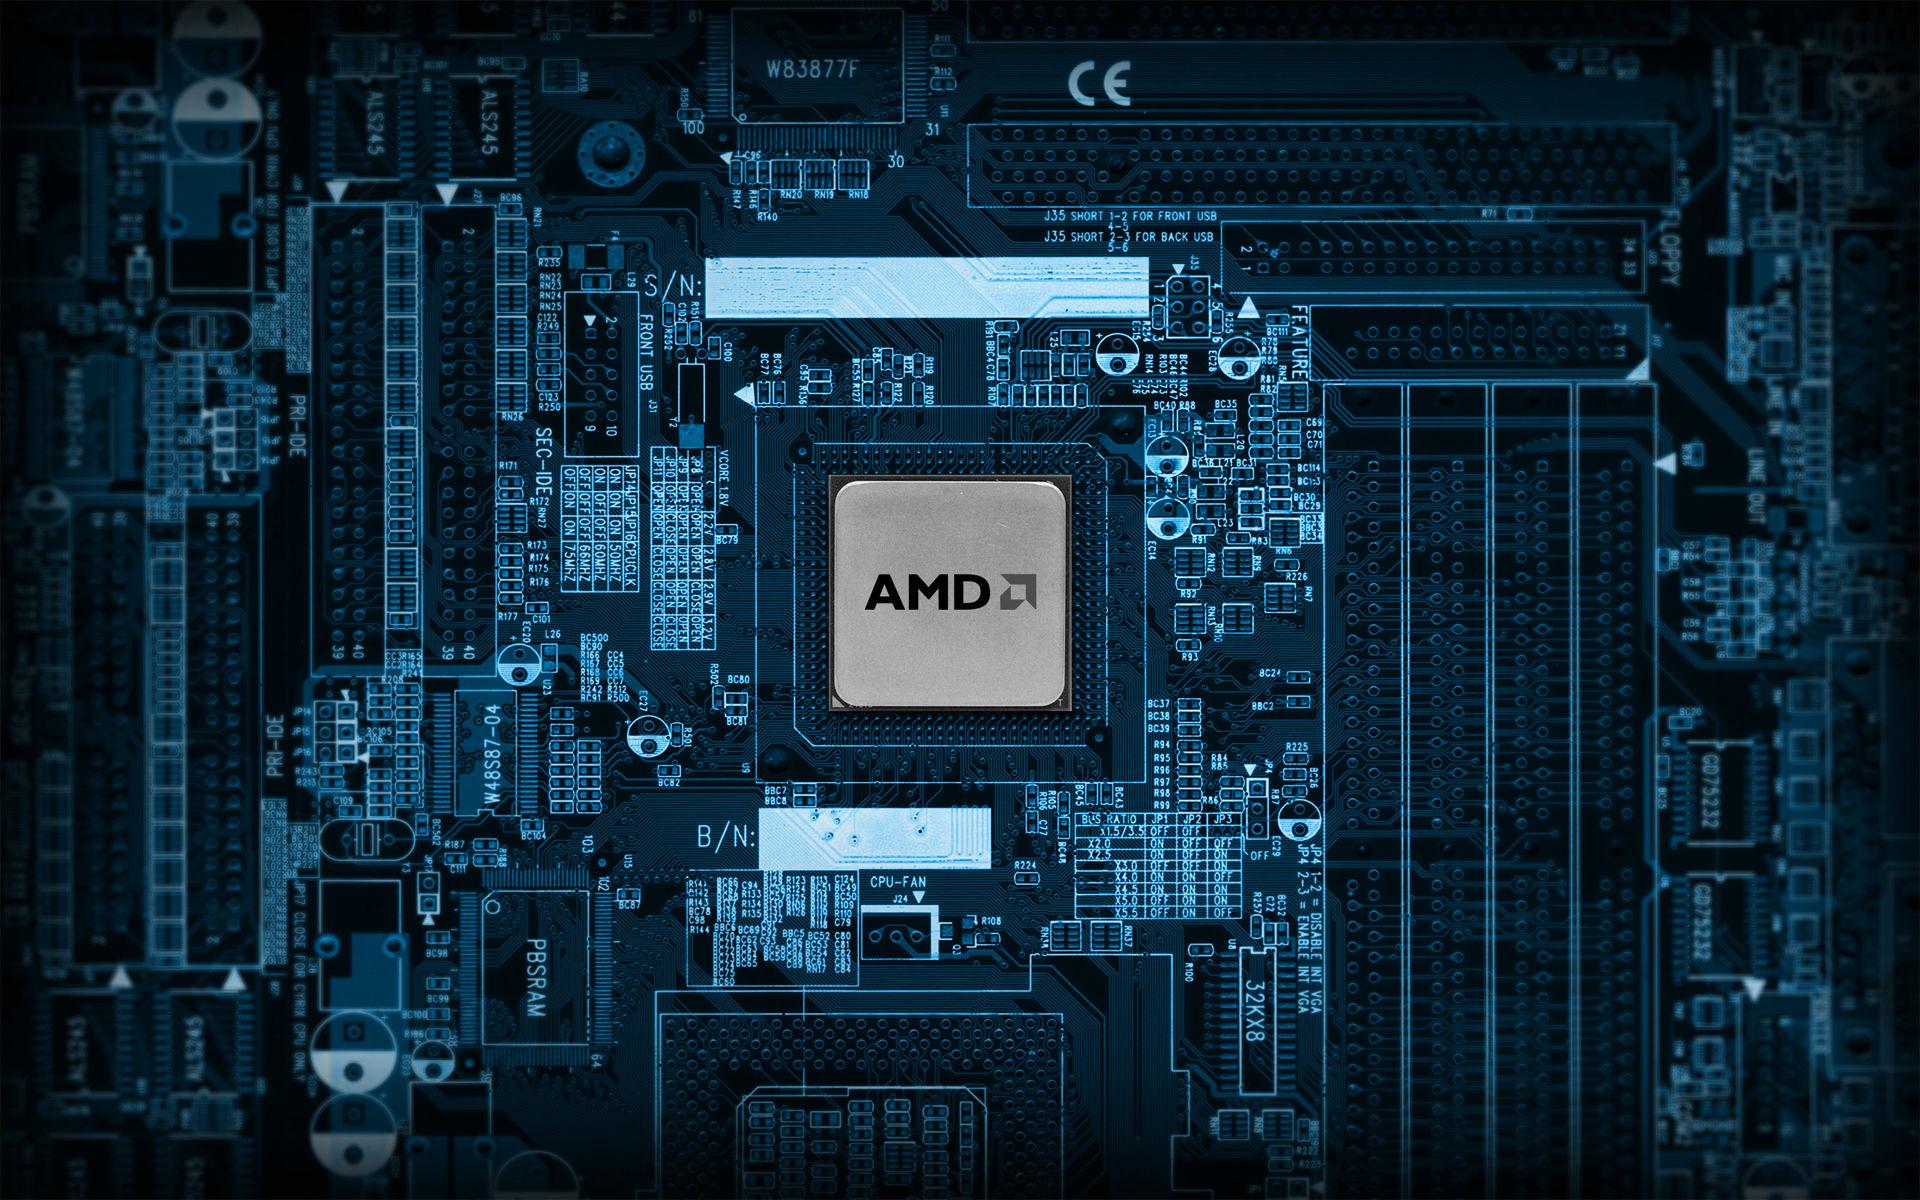 Dzięki przemyślanej strategii firmy akcje AMD wzrosły o 52%.